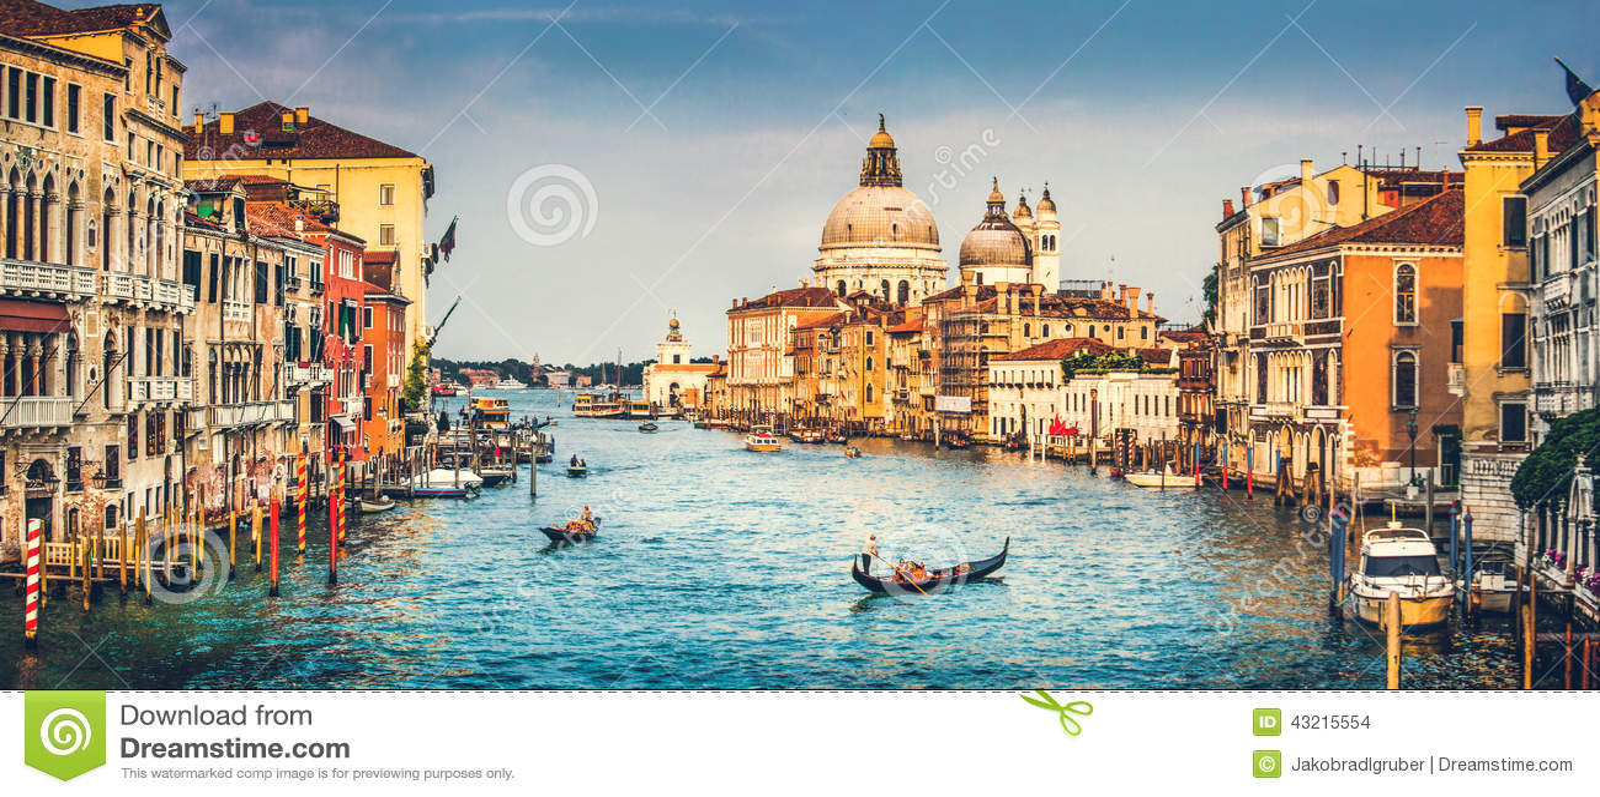 Canal Grande and Basilica di Santa Maria della Salute at sunset in Venice, Italy